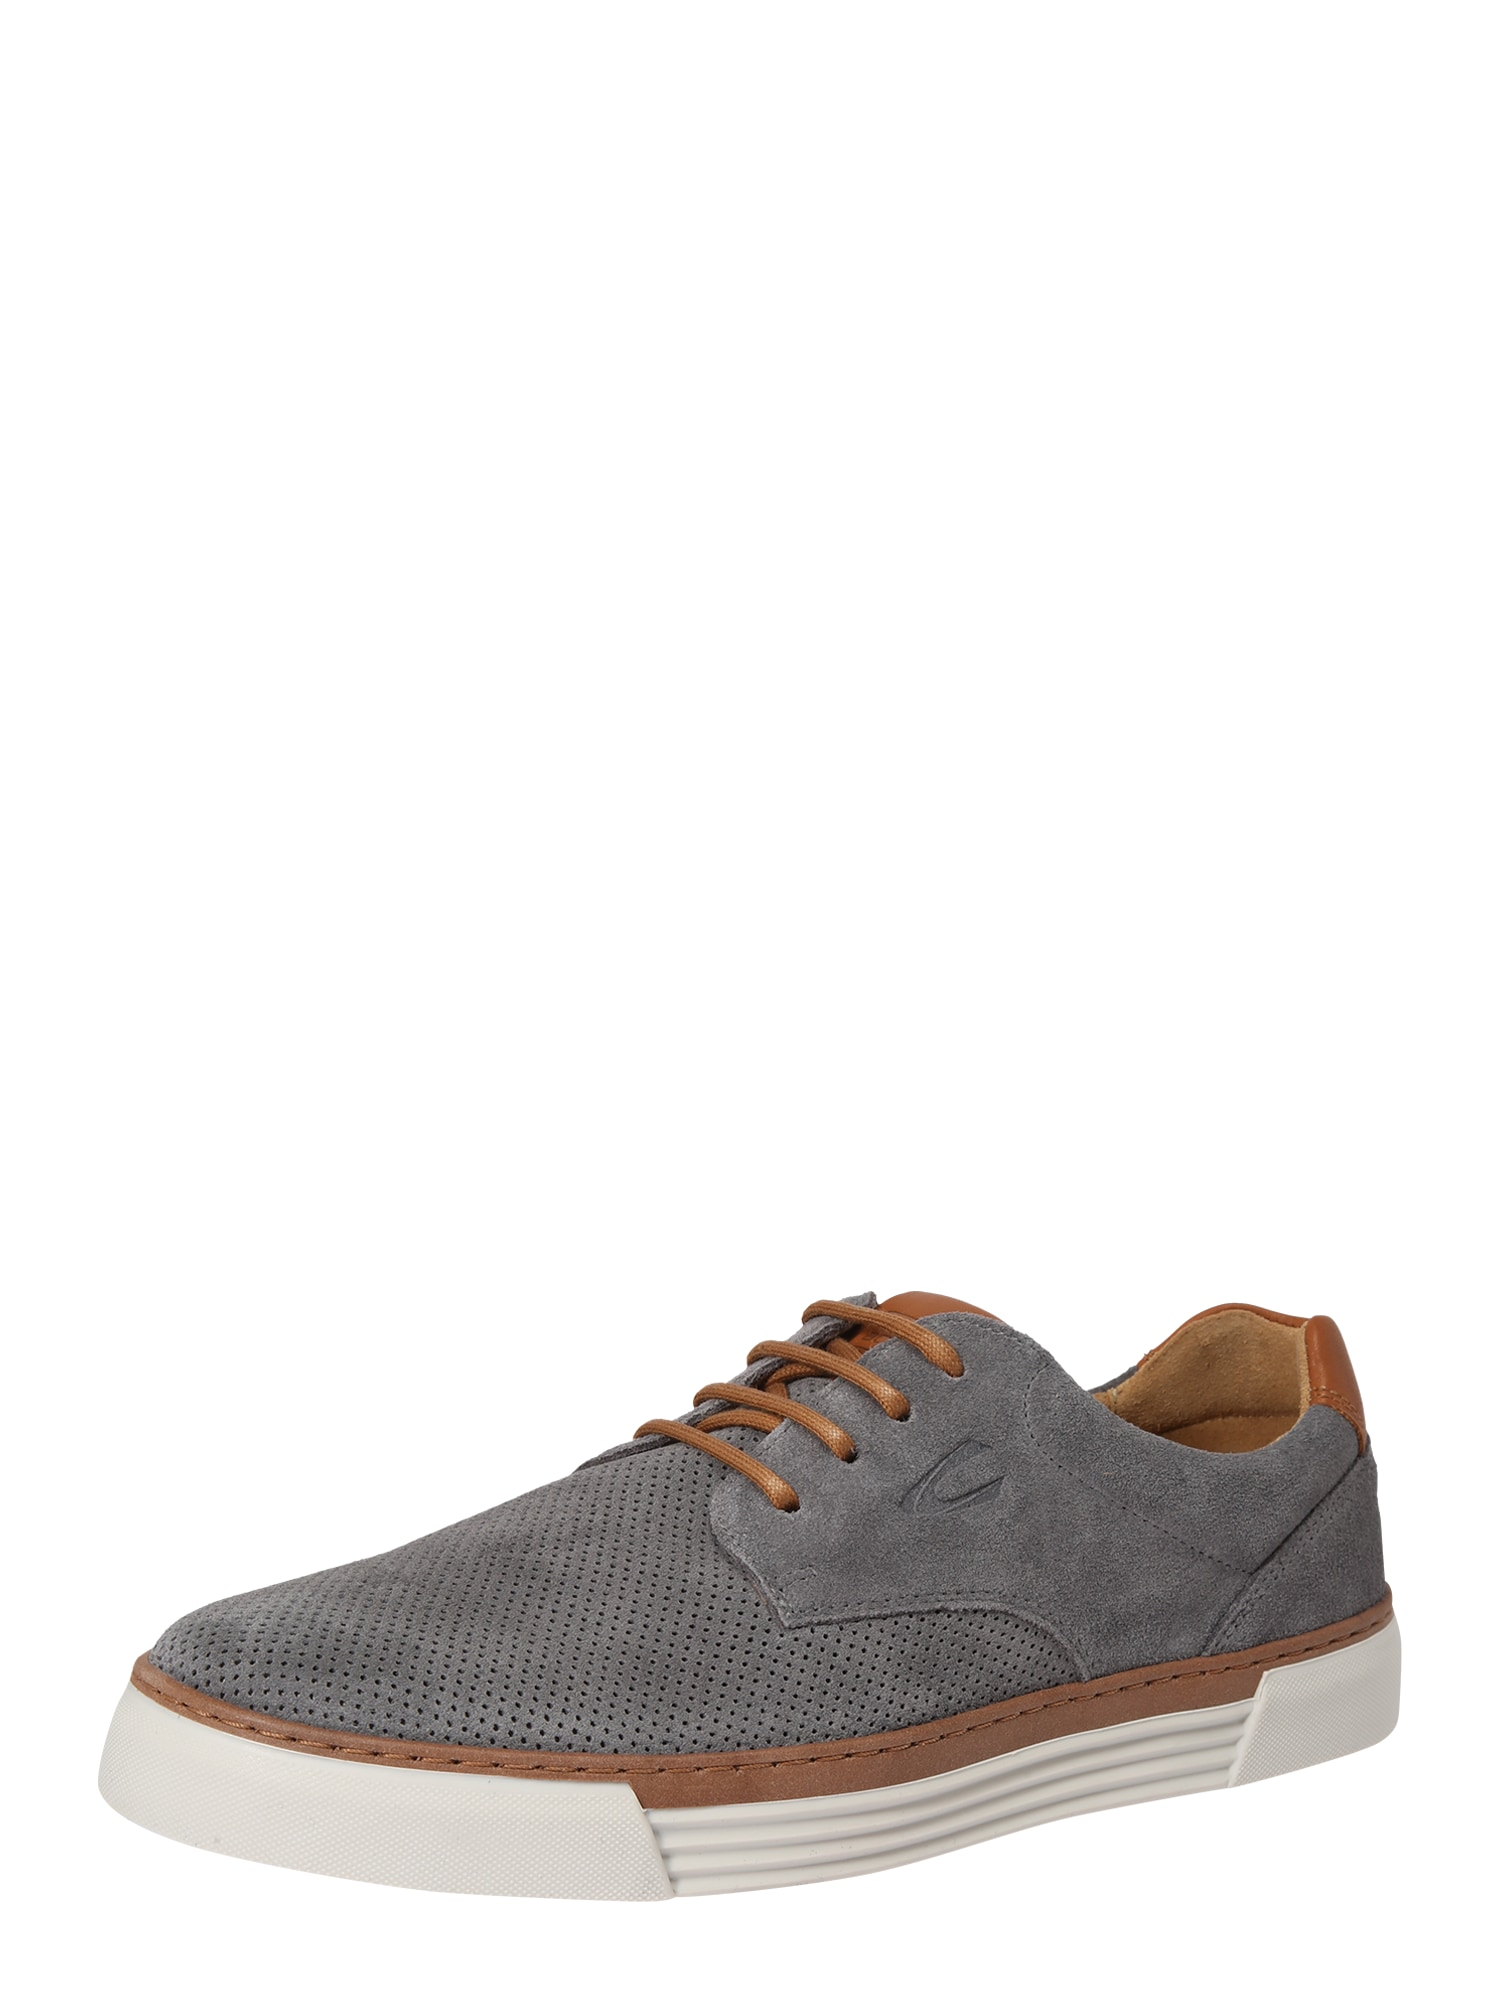 CAMEL ACTIVE Sportinio stiliaus batai su raišteliais 'Racket' šviesiai pilka / ruda (konjako)